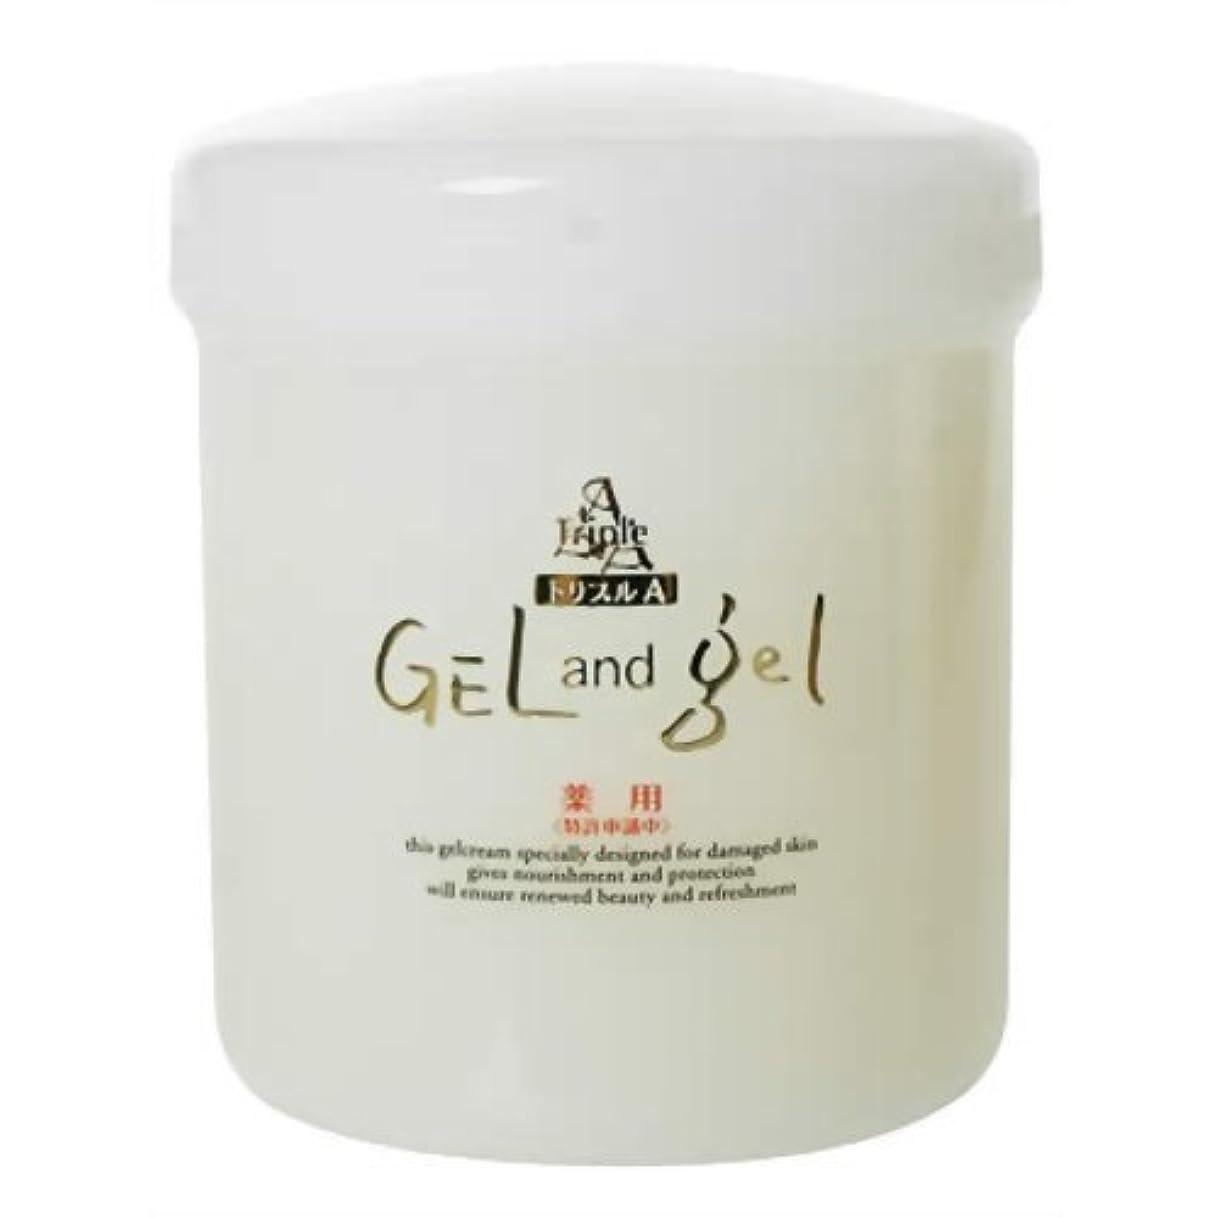 遺体安置所コントロール風味薬用トリプルA ゲル&ゲル クリーム 500g